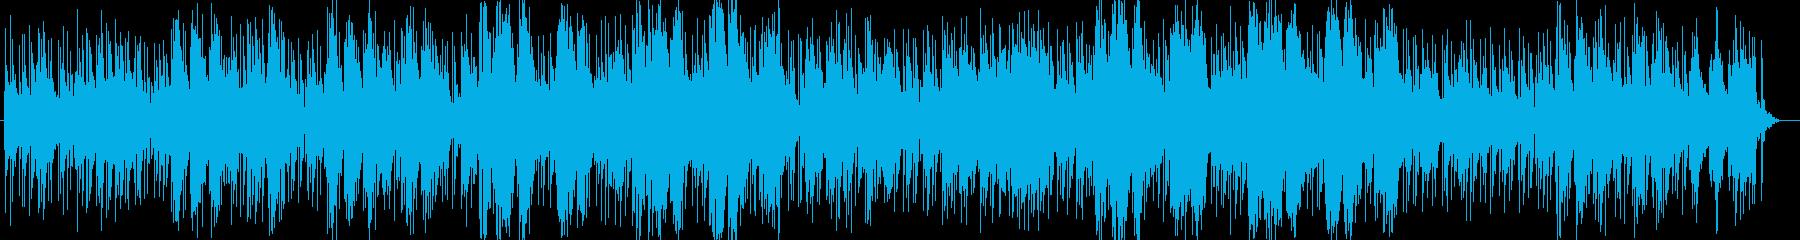 カントリー風ギターシンセサイザーサウンドの再生済みの波形